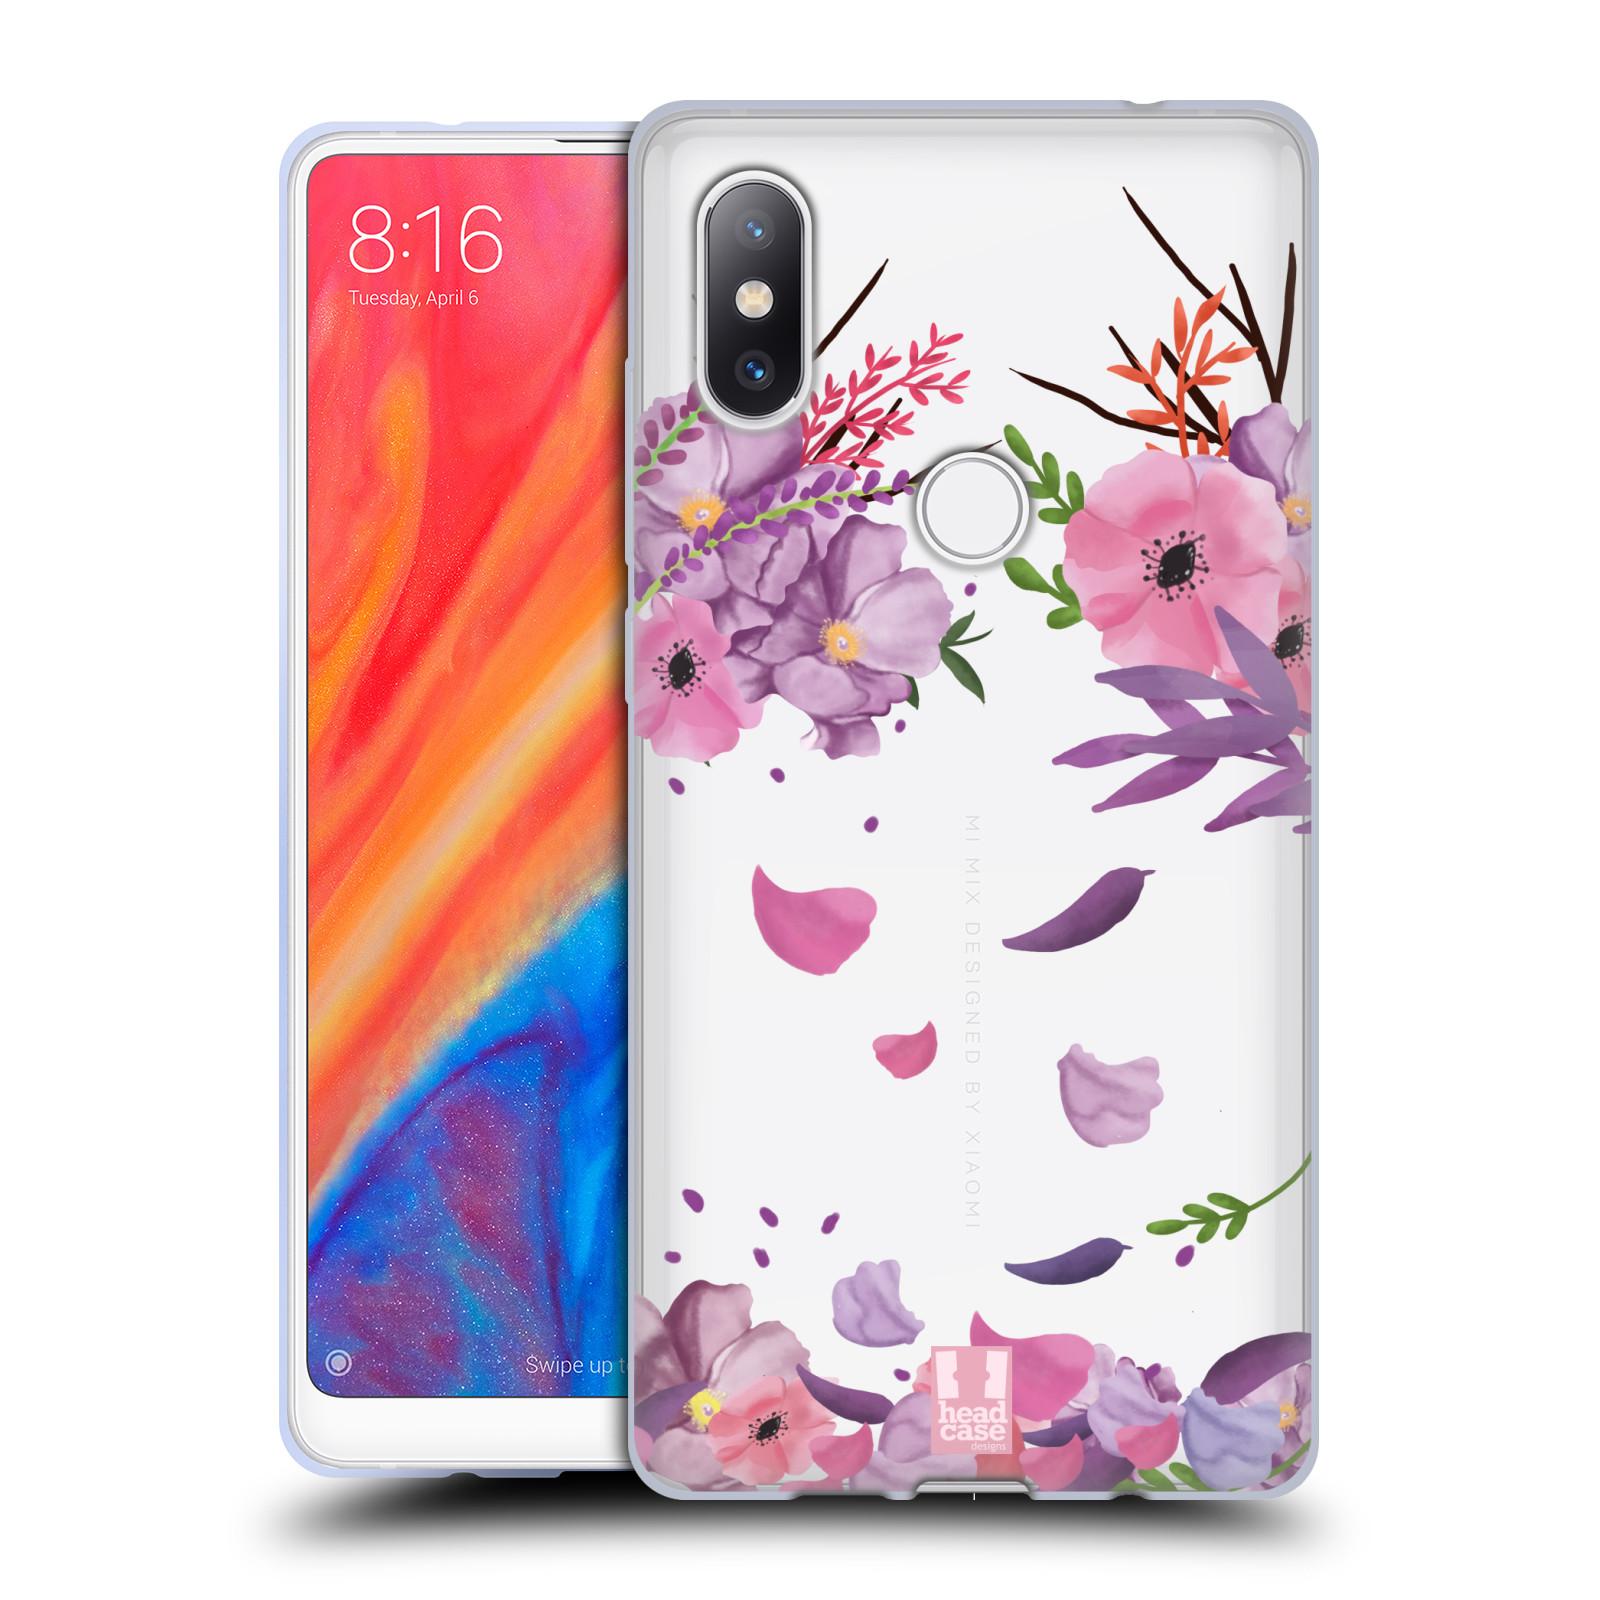 Silikonové pouzdro na mobil Xiaomi Mi Mix 2S - Head Case - Okvětní lístky